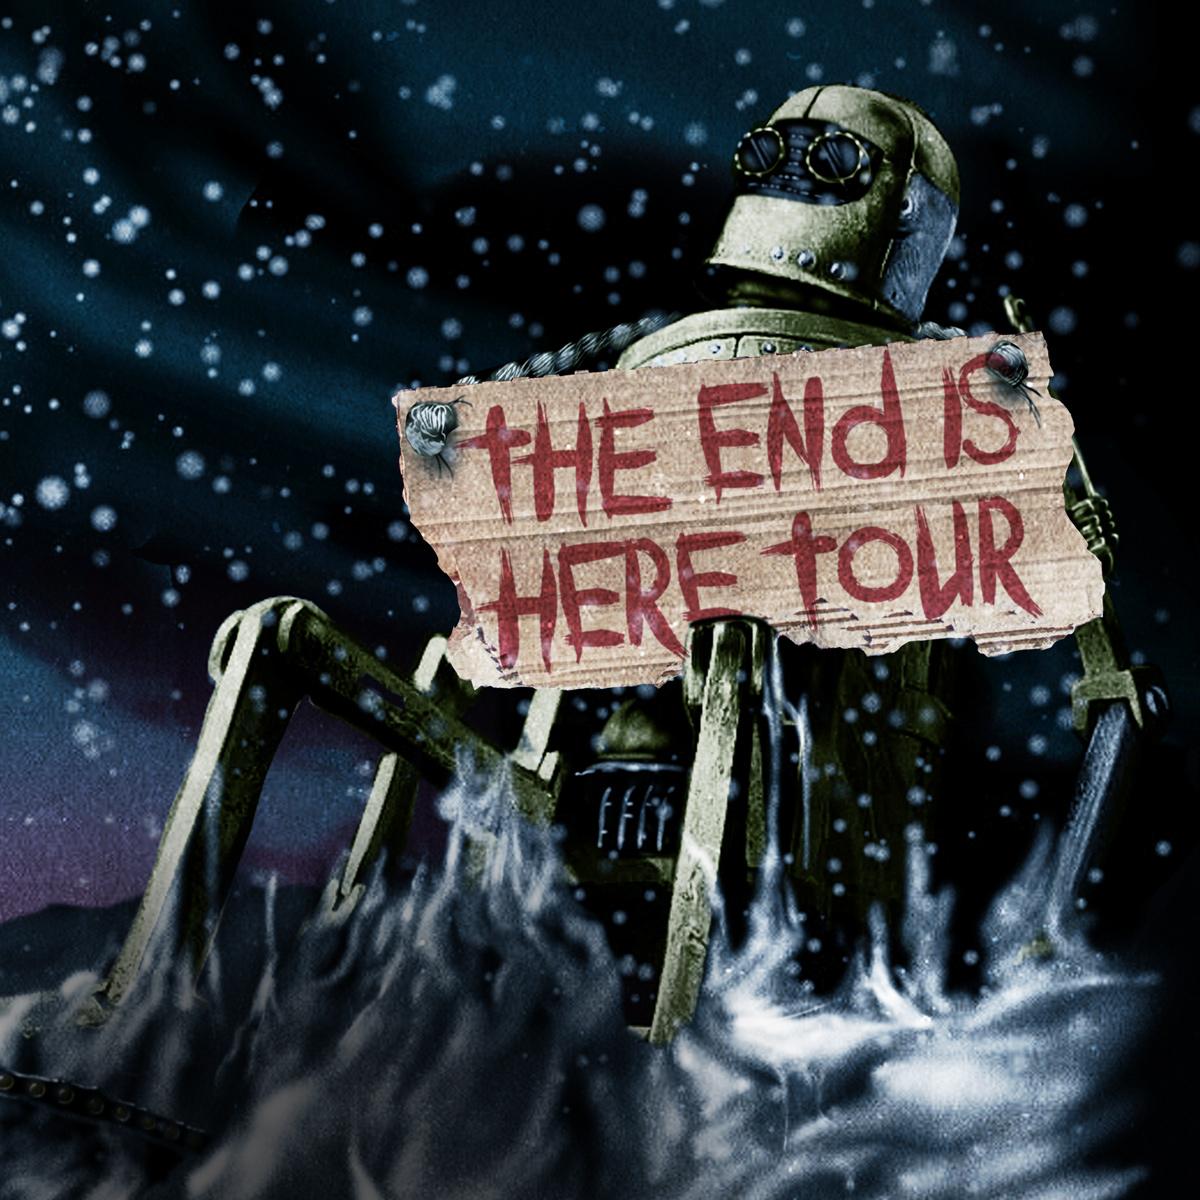 teih-tour